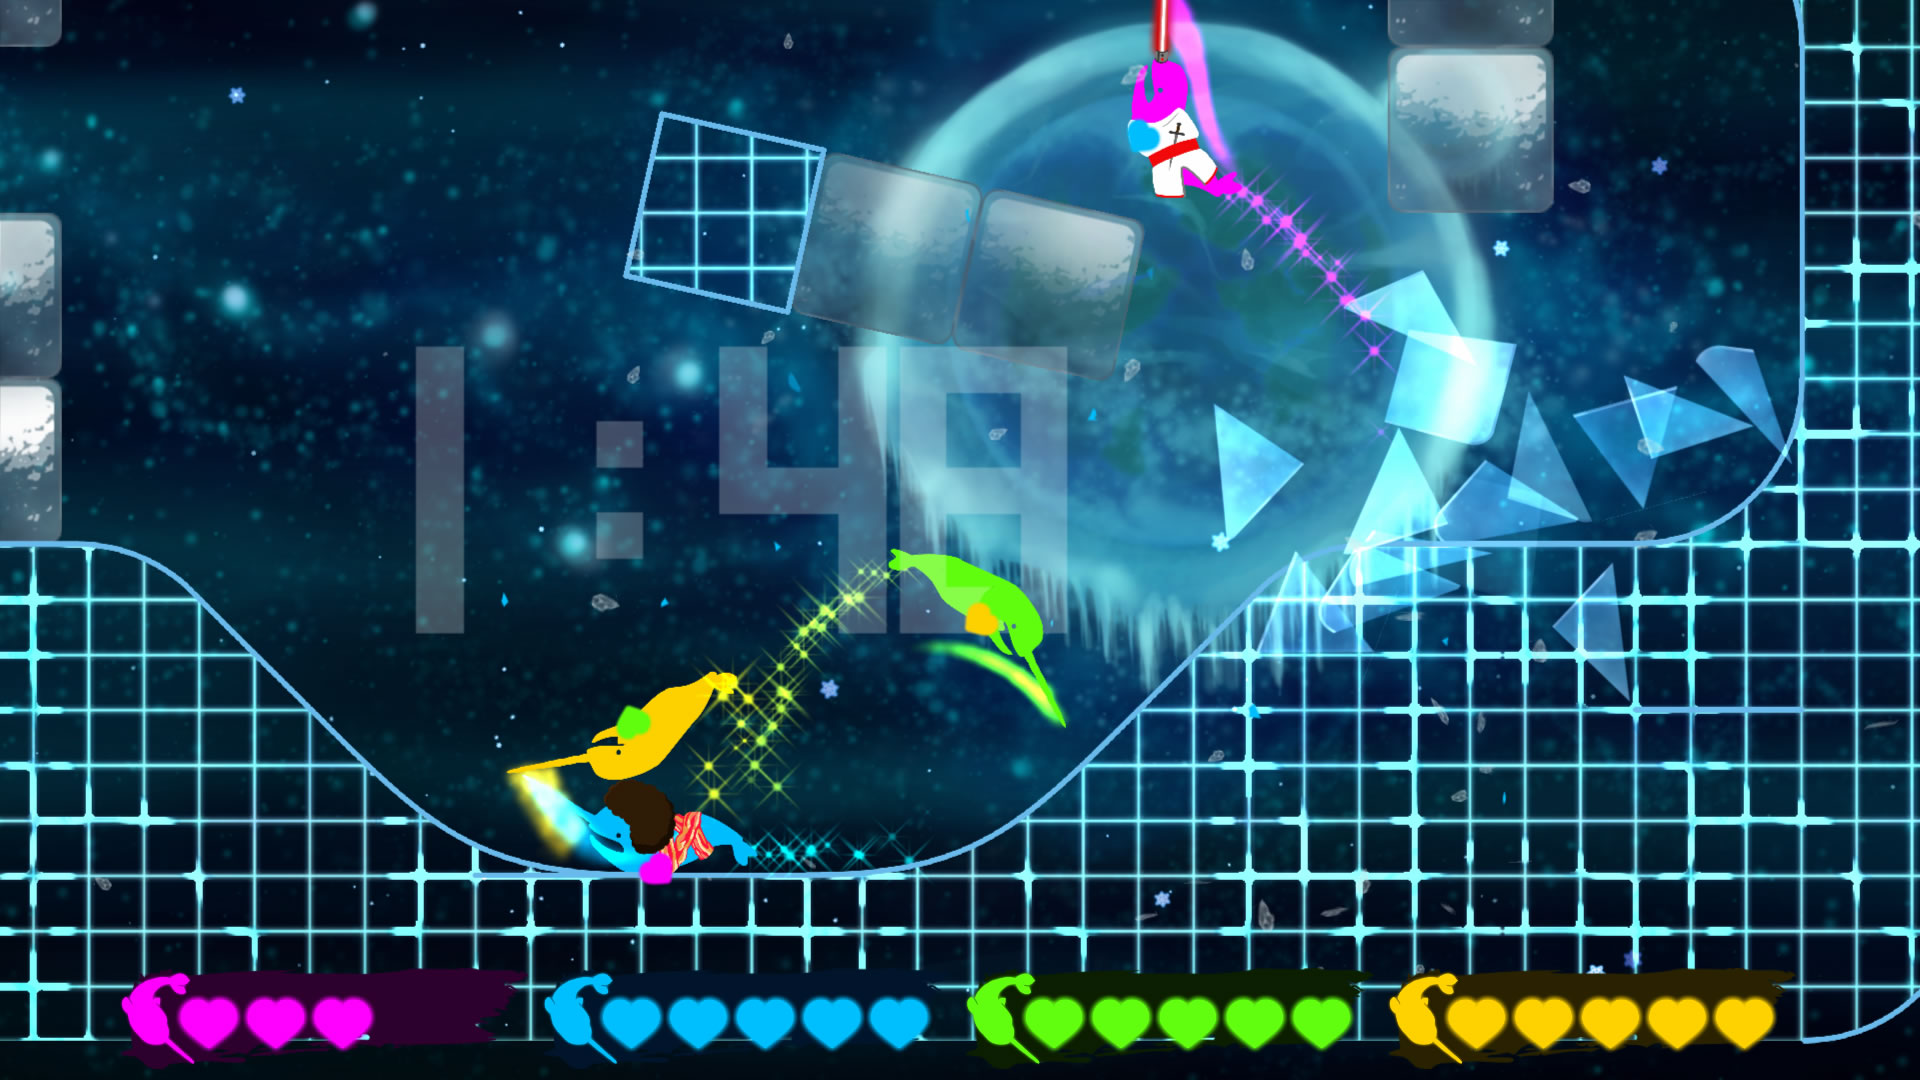 STARWHAL Wii U Screenshot 3